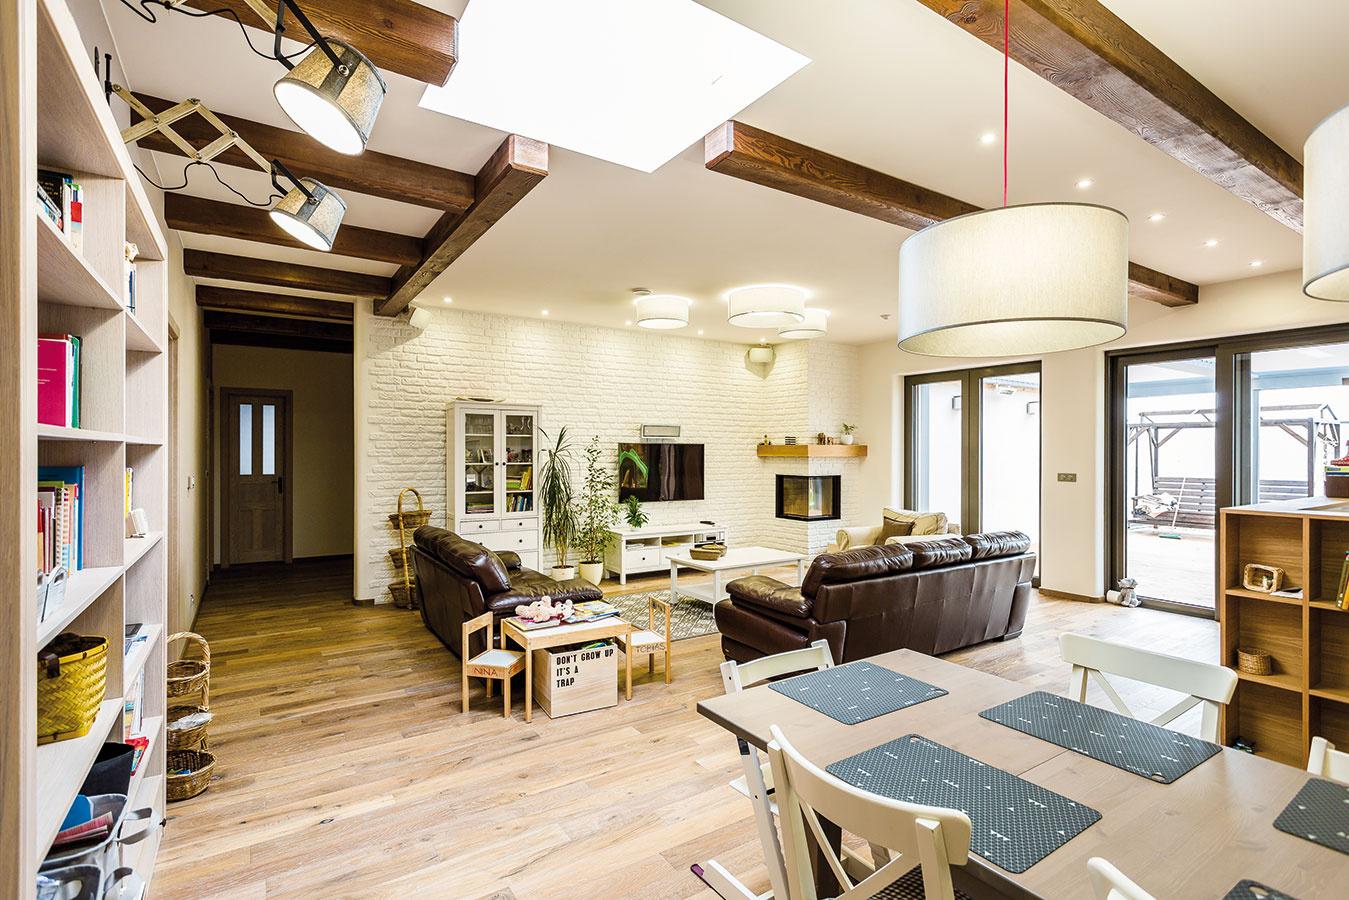 Priestranná obývacia izba aj napriek presklenej stene uvítala dodatočné presvetlenie vmiestach hlboko vdispozícii. Svetlíky srozmerom 1 200 x 1 200 mm presvetlia priestor efektívnejšie ako okná rovnakých rozmerov.